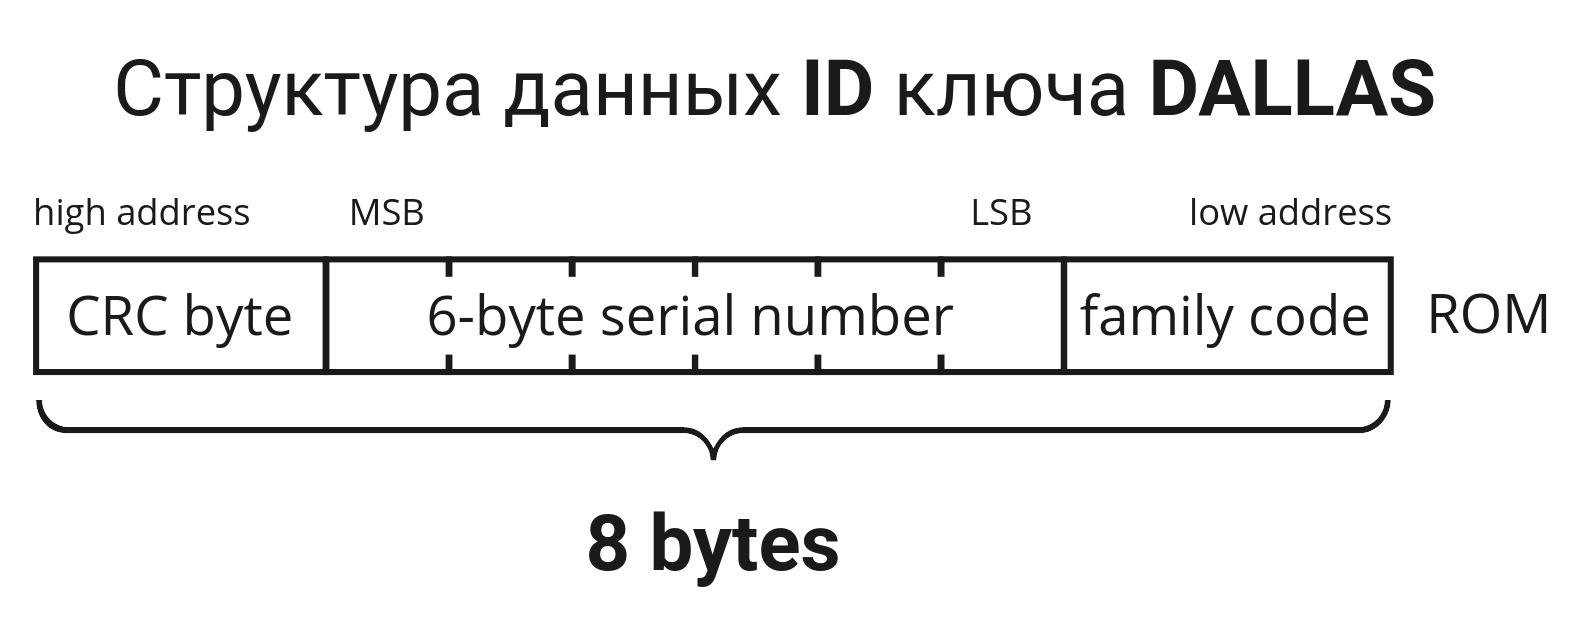 Нахлобучиваем домофонные ключи iButton с помощью Flipper Zero - 8